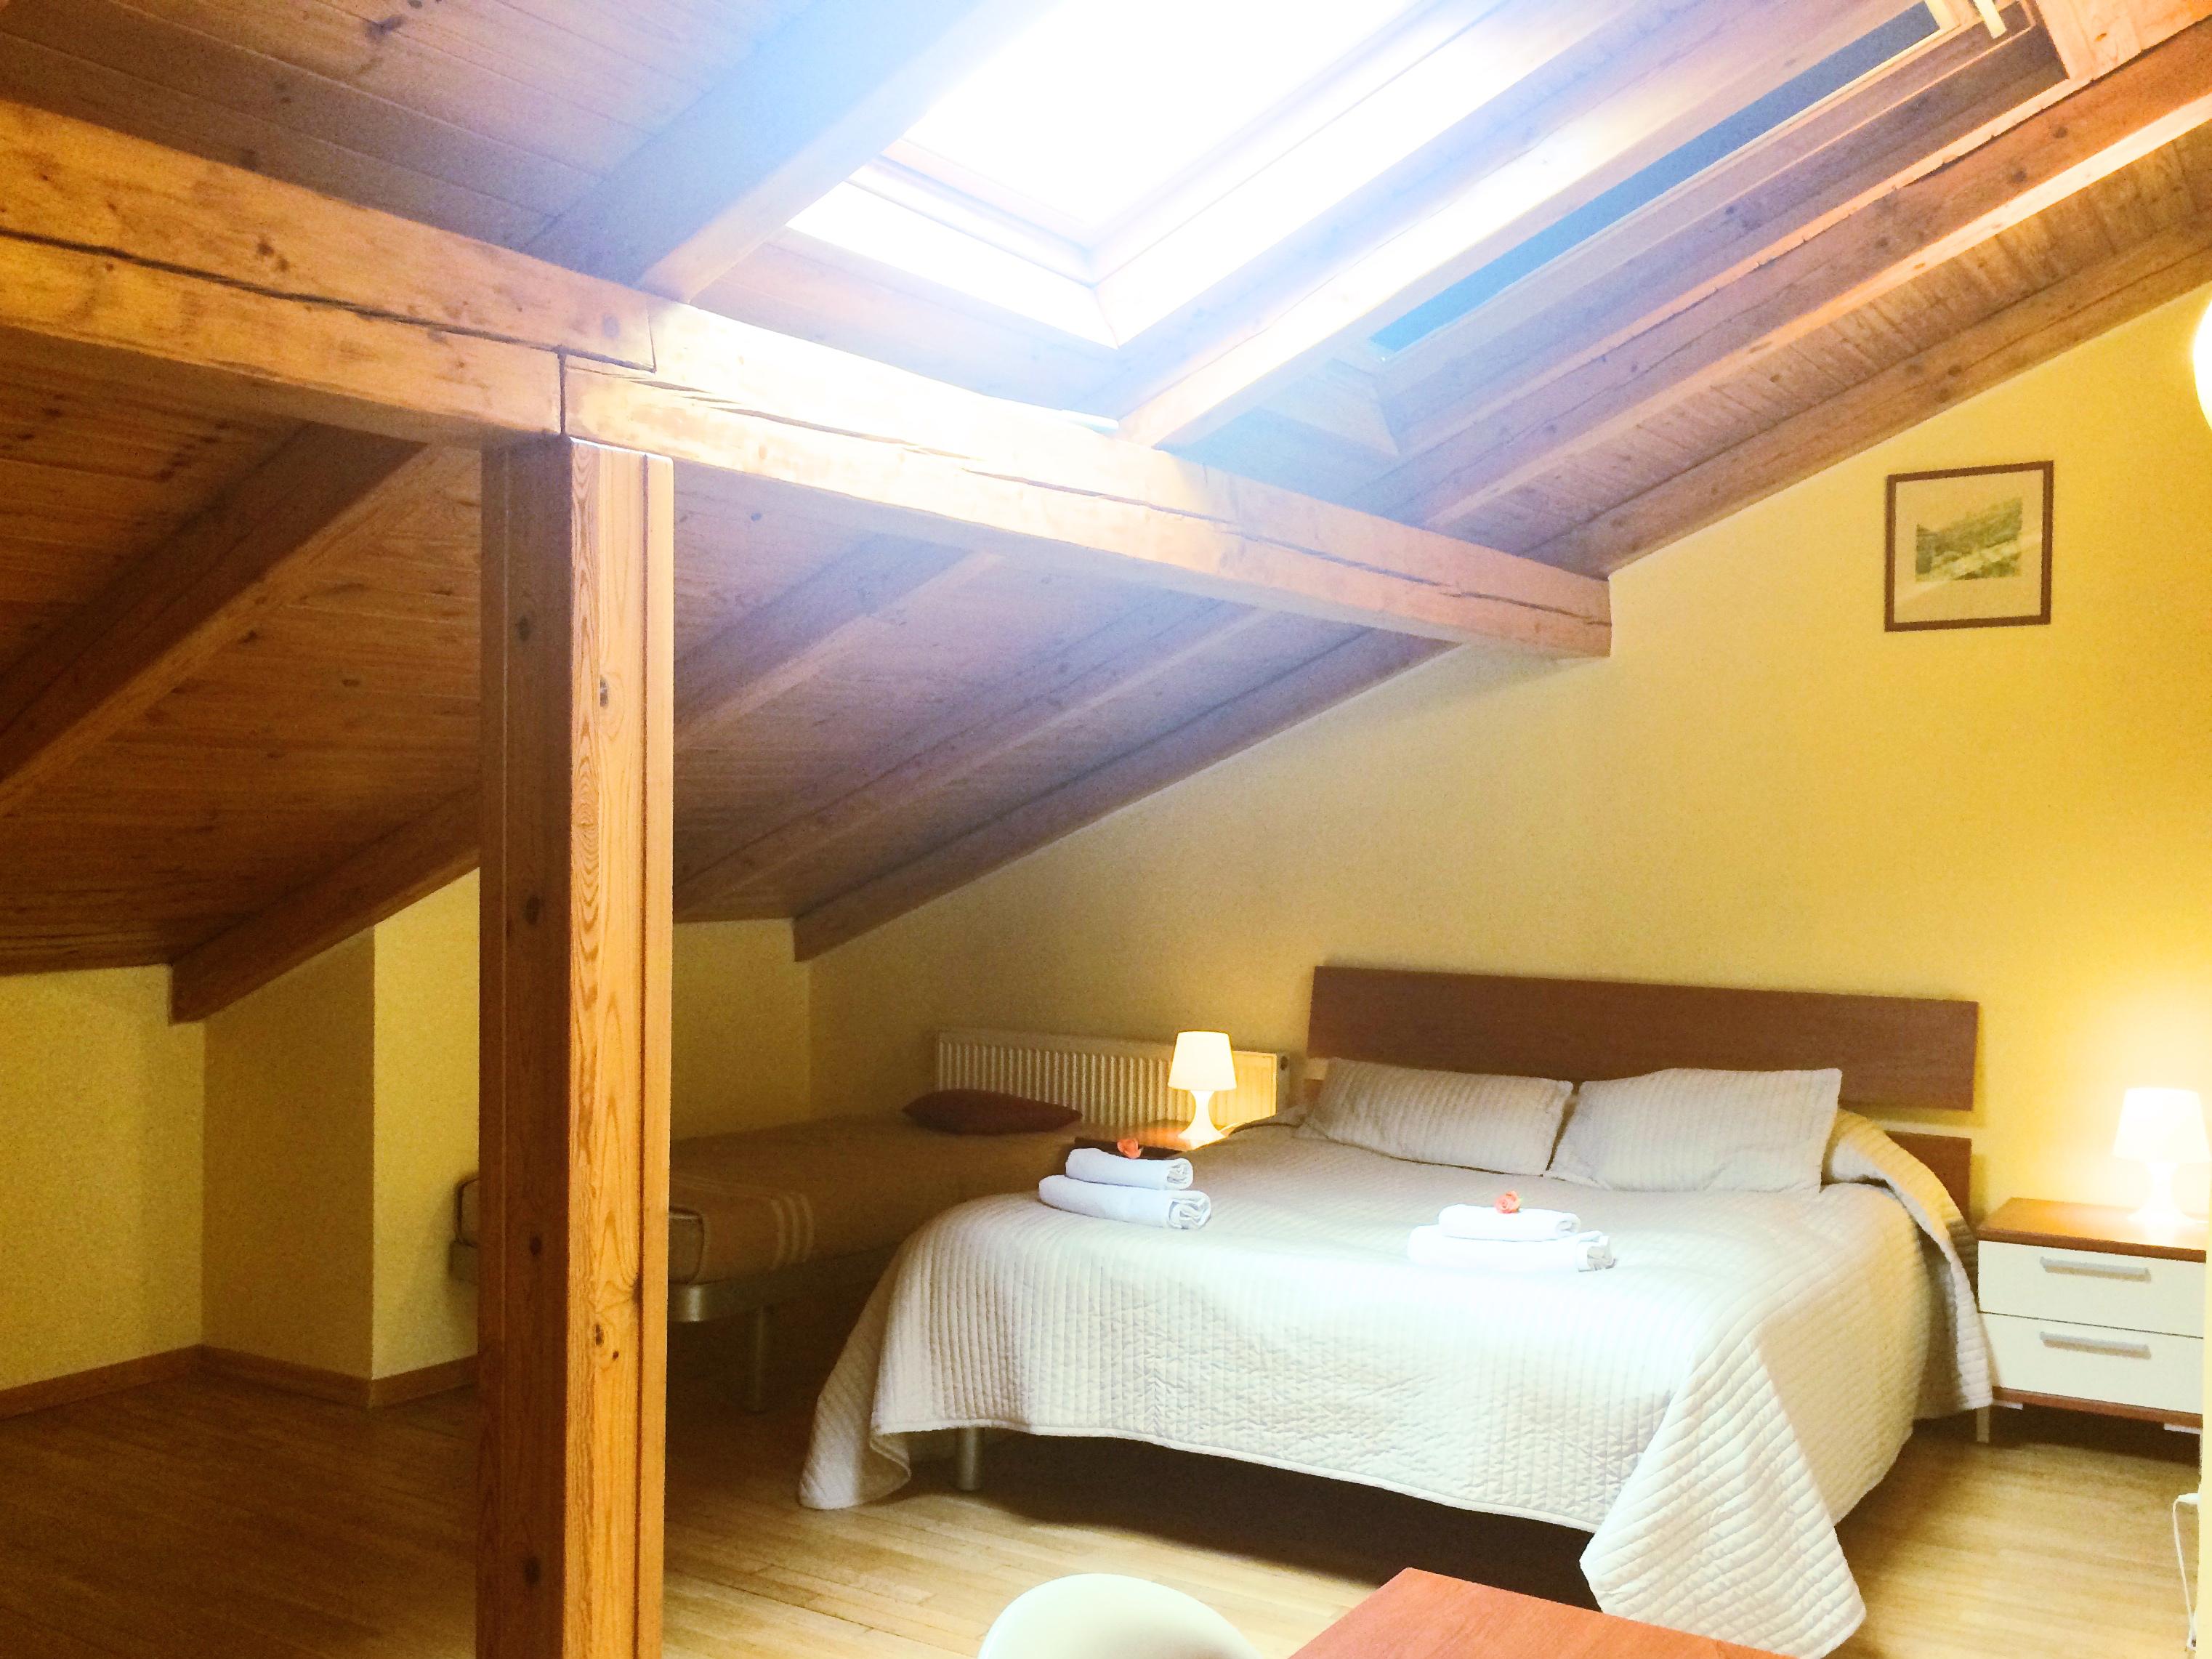 Dormire a Praga: Hotel city Lounge a Praga 3 | Viaggio a Praga